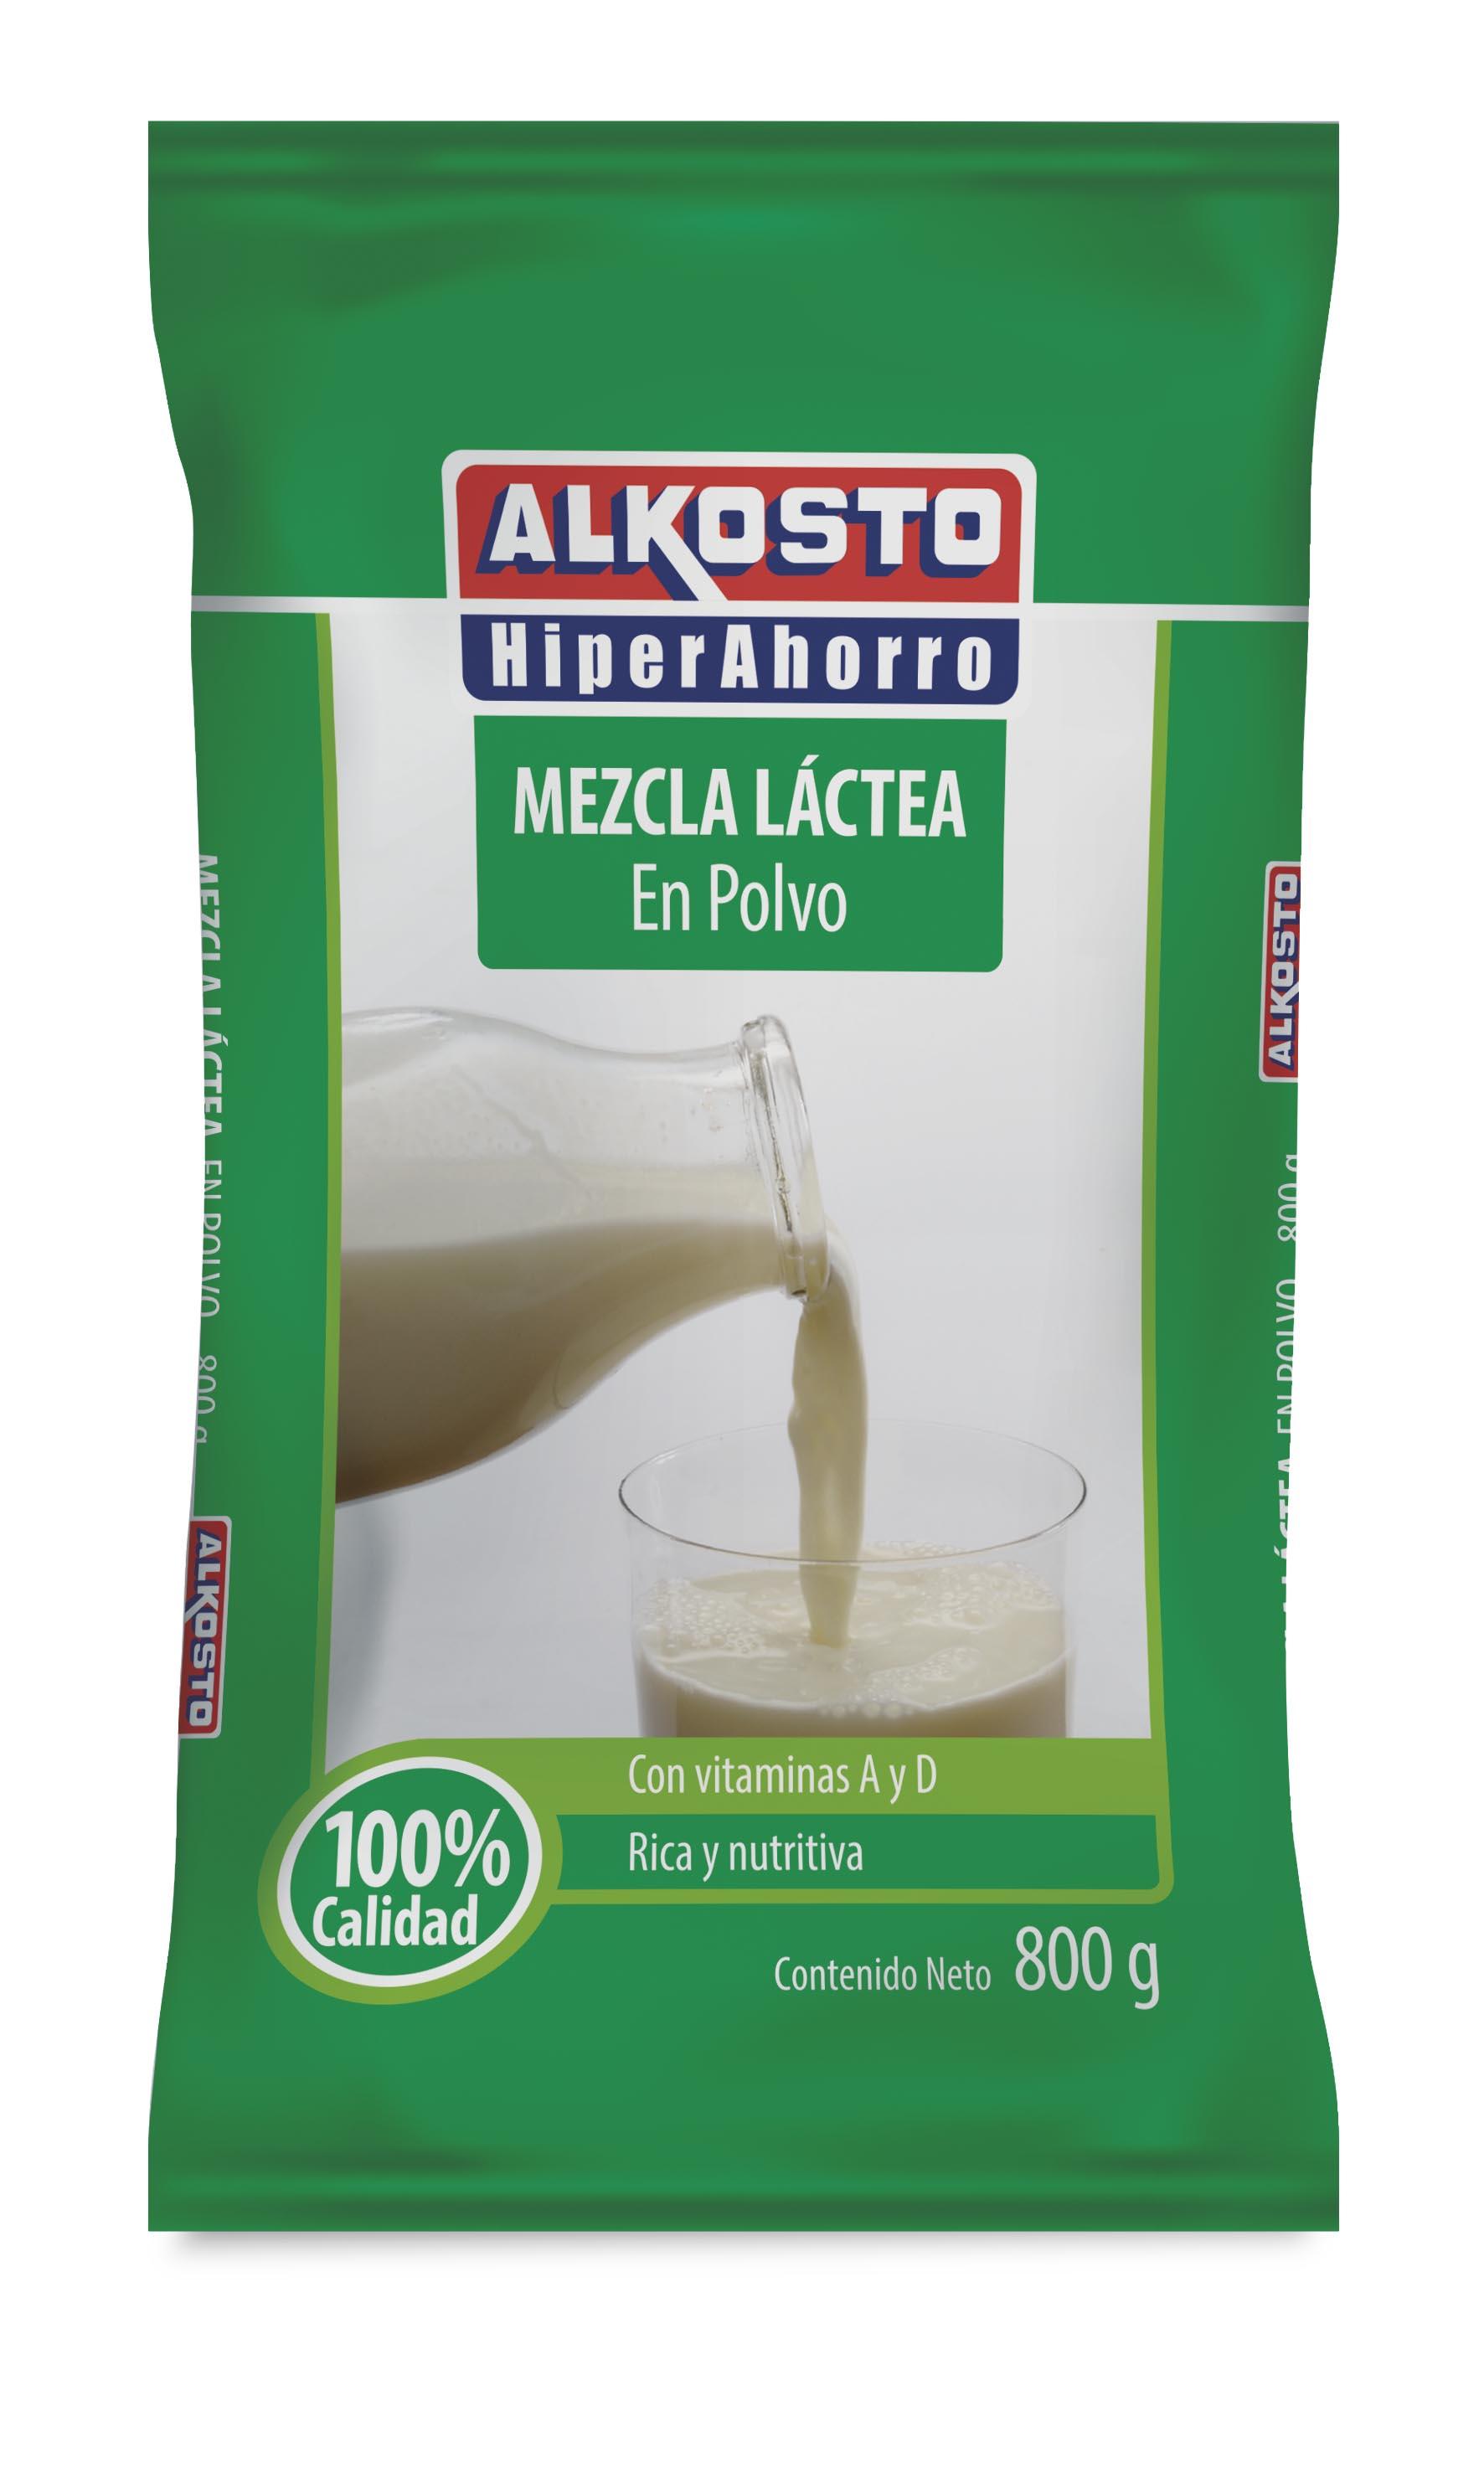 Mezcla Lactea en Polvo Alkosto 800g